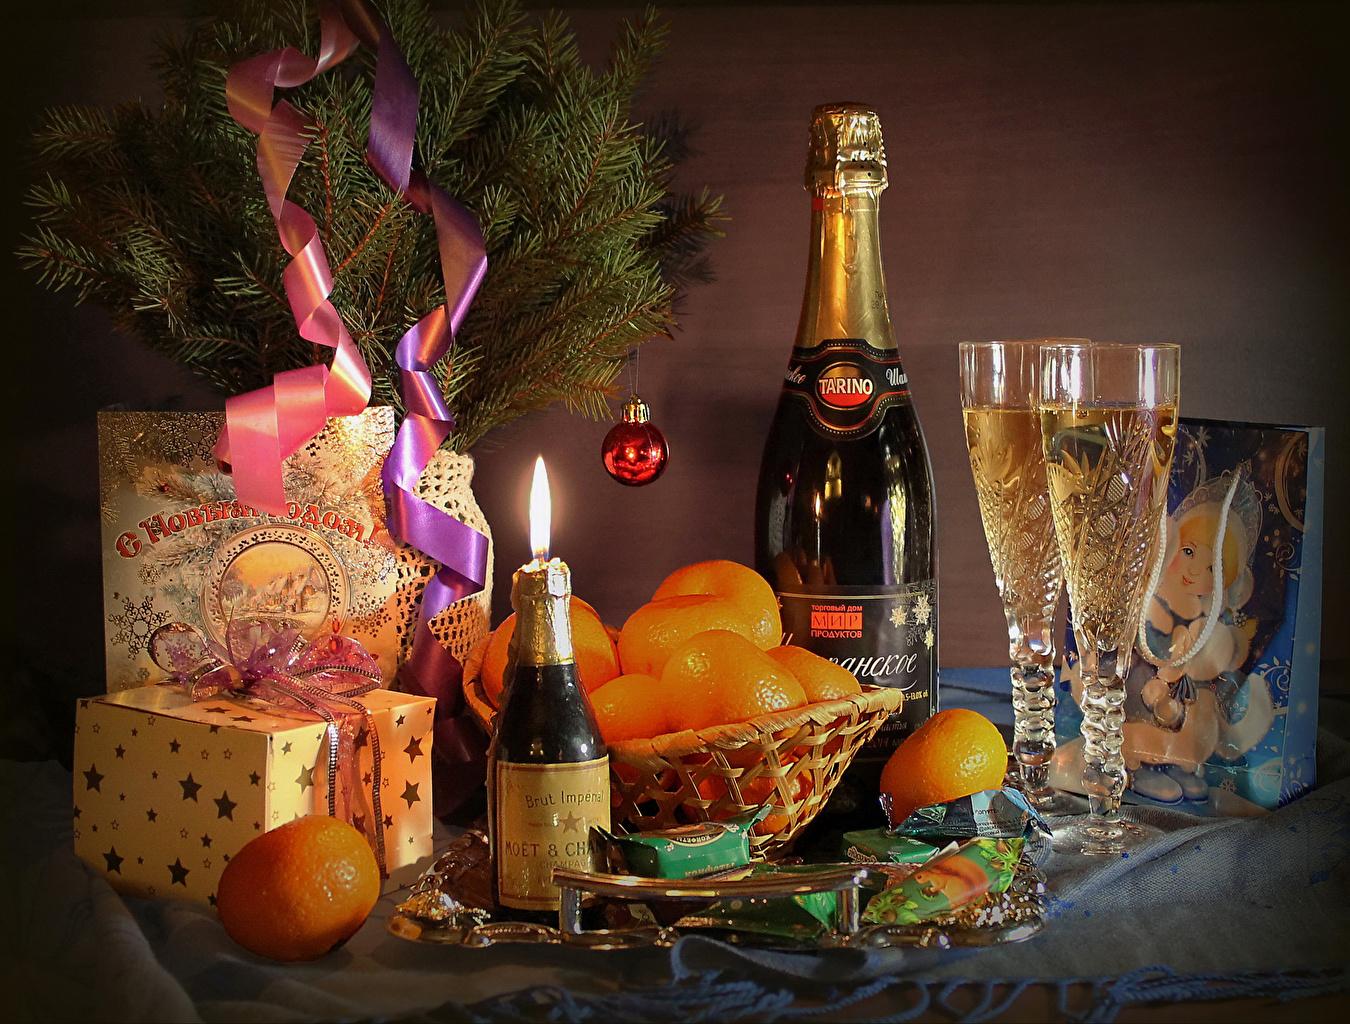 Фотография Новый год Конфеты Мандарины Шампанское Подарки Еда Бокалы Бутылка Натюрморт Праздники Рождество Игристое вино подарок подарков Пища бокал бутылки Продукты питания